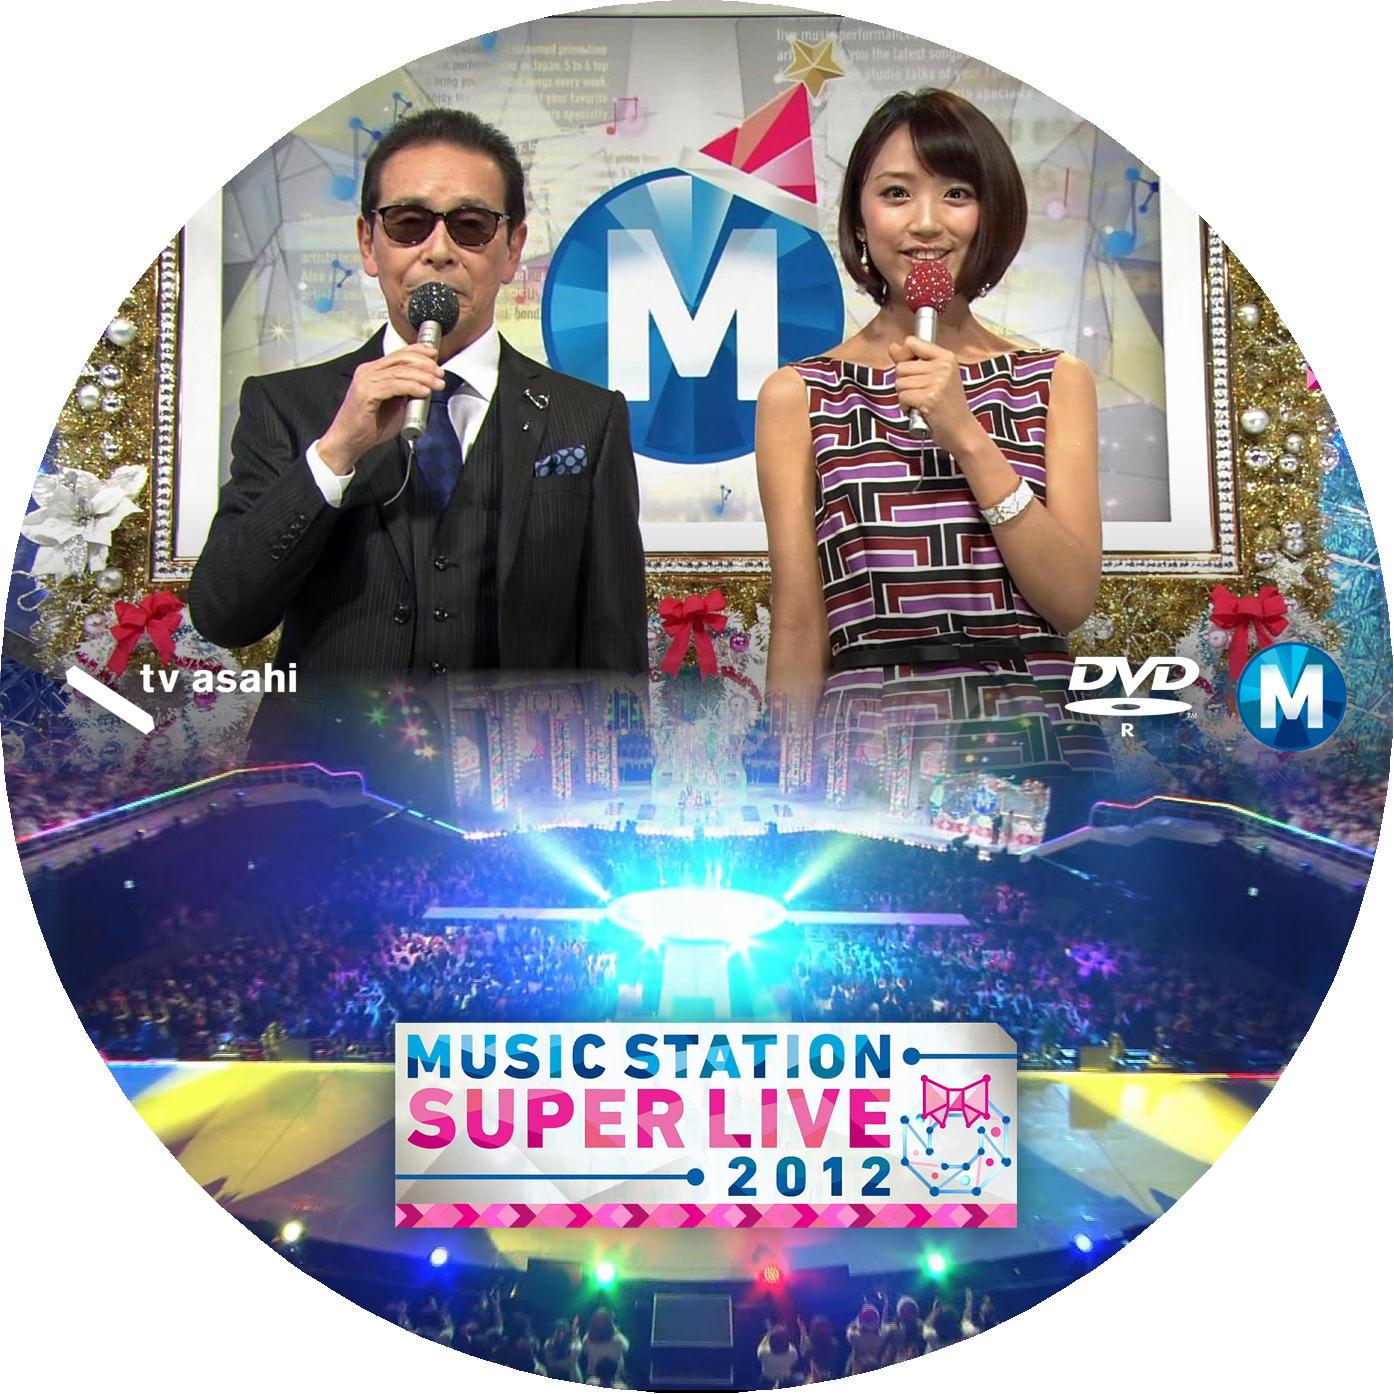 ミュージックステーション SUPER LIVE 2012 DVDラベル